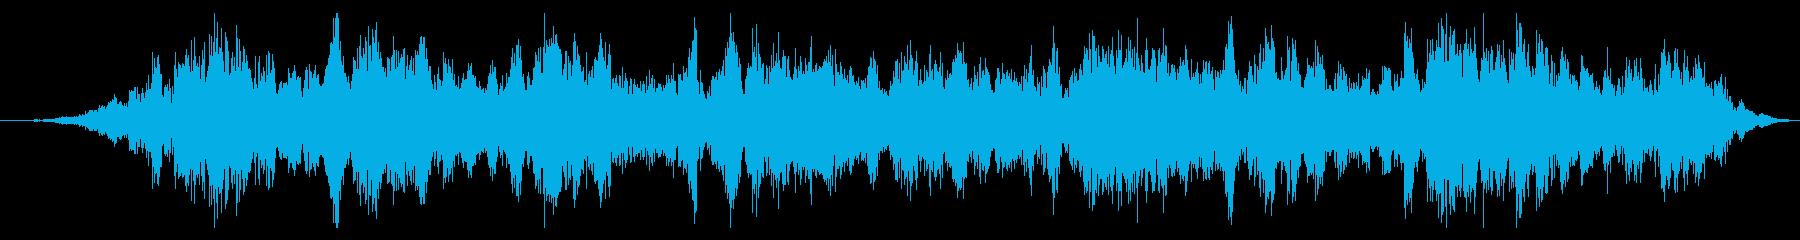 スペースドローン:深呼吸と渦巻きの再生済みの波形